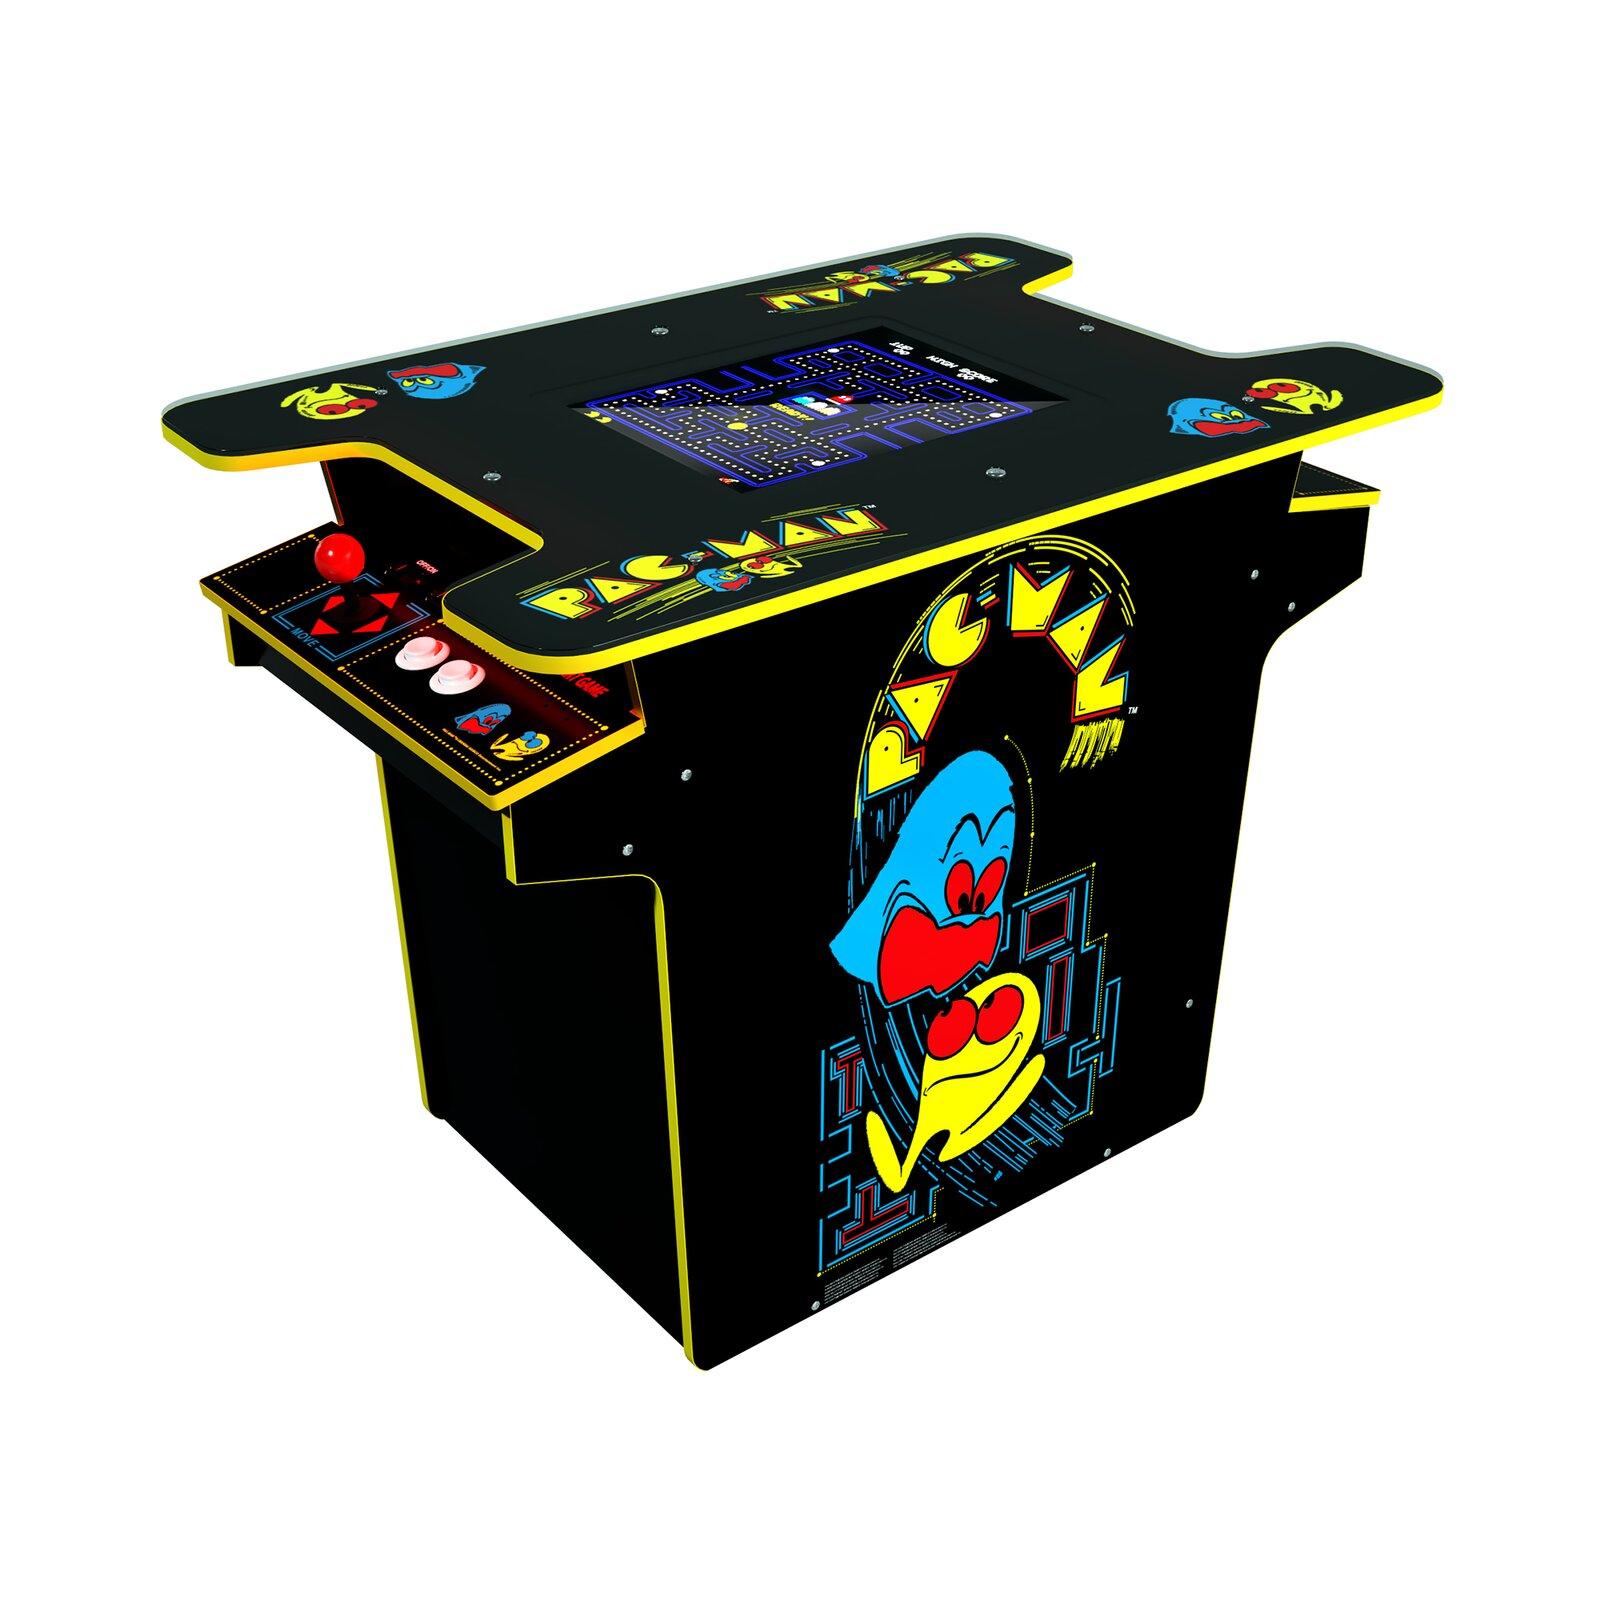 PACMAN+(BLACK)+GAMING+TABLE.jpg